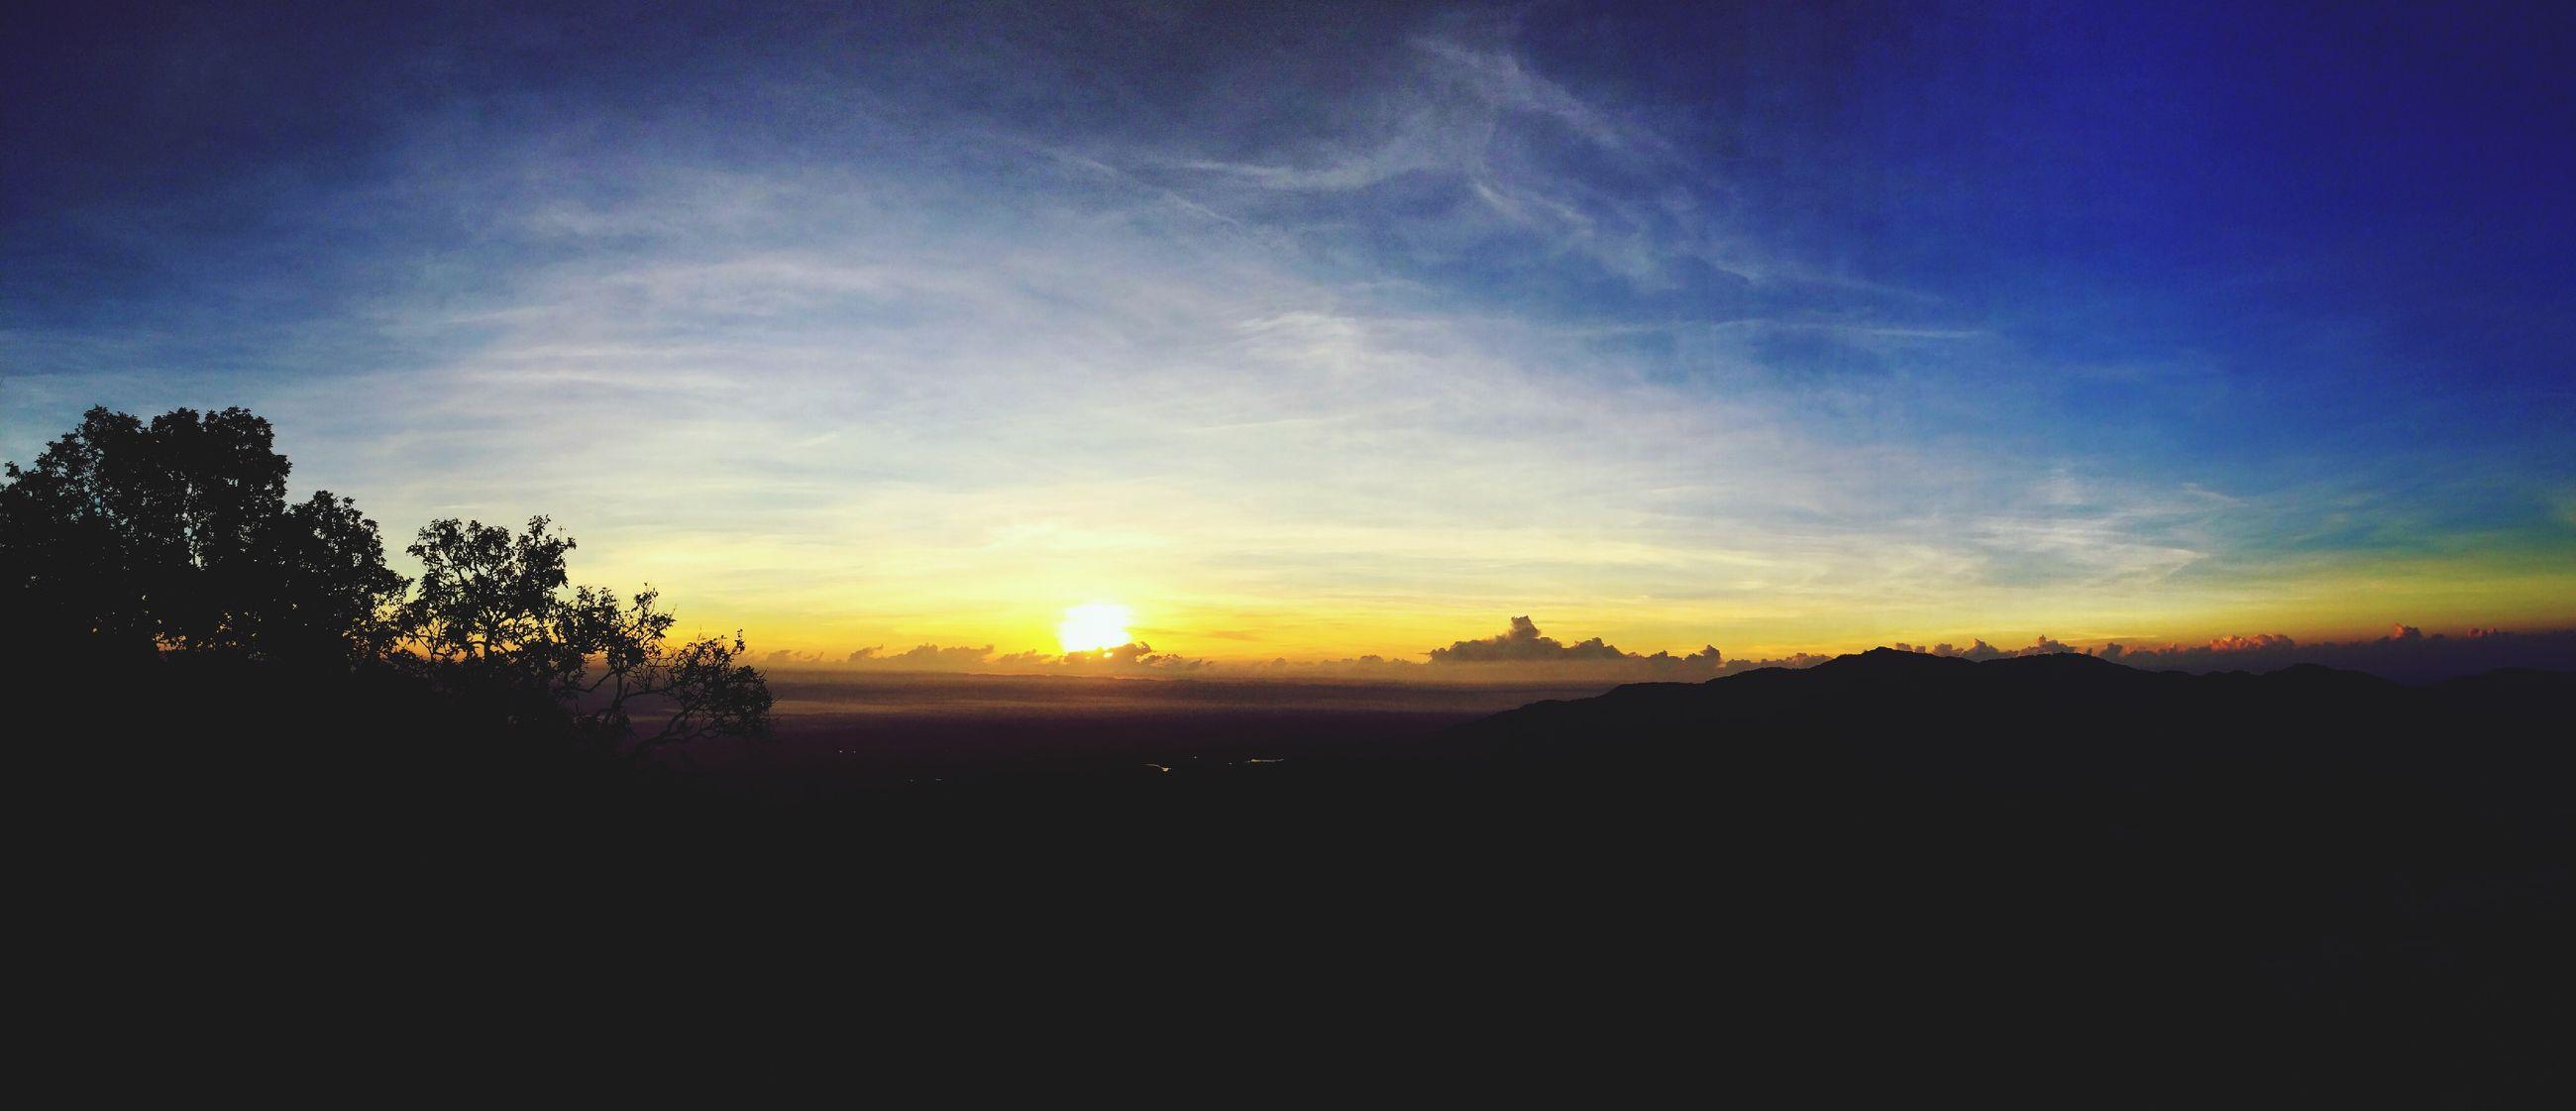 sunset, silhouette, sun, tranquil scene, scenics, tranquility, beauty in nature, sky, landscape, idyllic, nature, sunlight, orange color, sunbeam, tree, copy space, cloud - sky, cloud, outdoors, non-urban scene